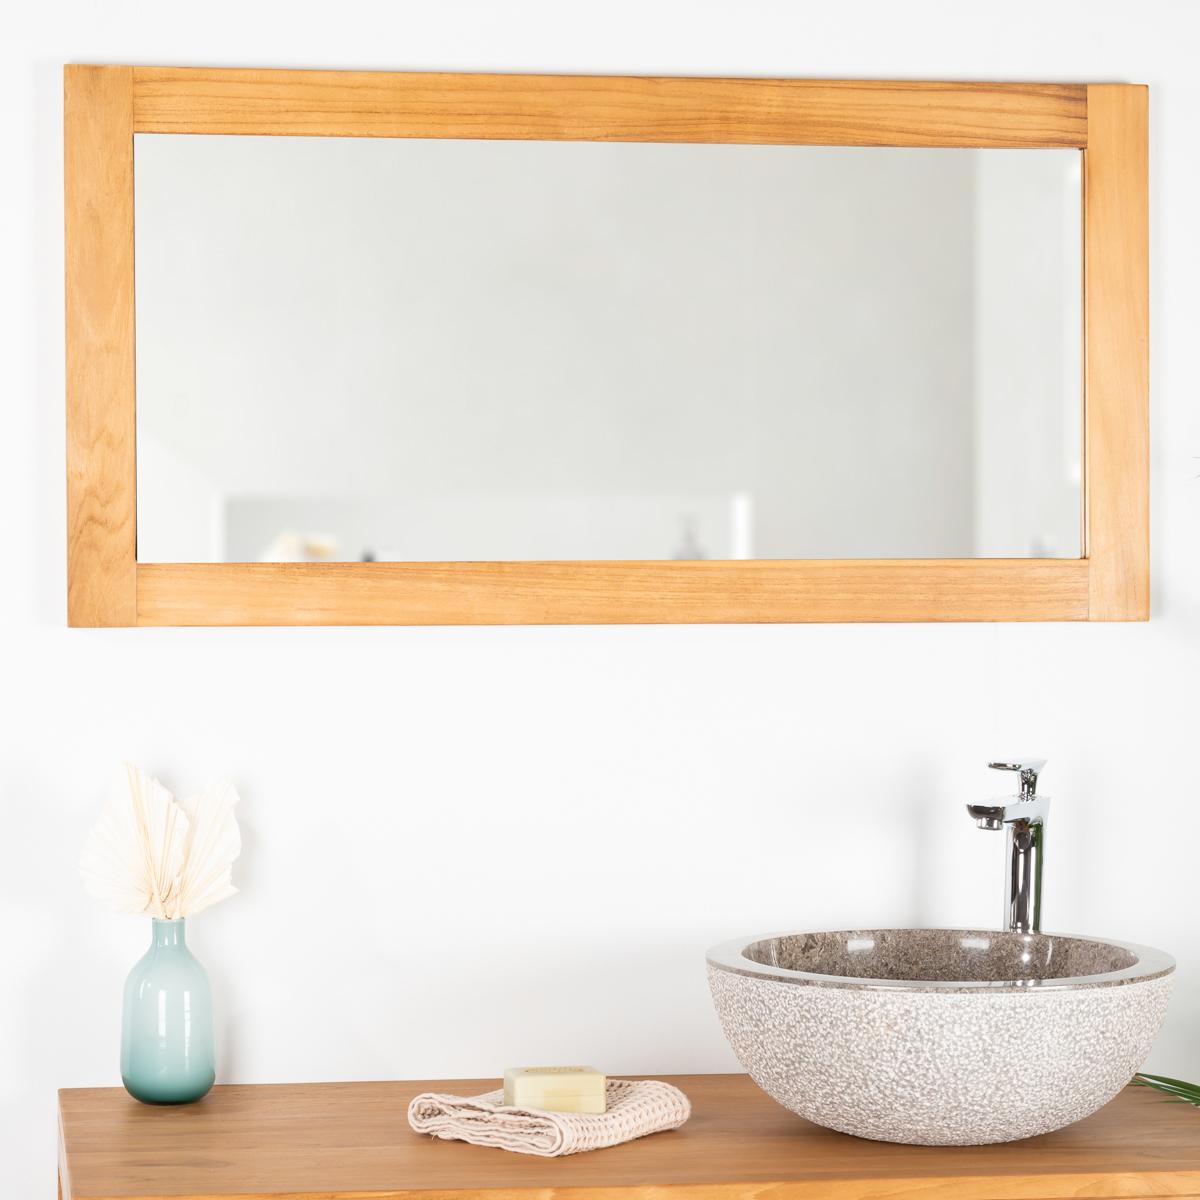 Espejo cuarto de ba o 100 x 50 for Espejos cuarto de bano